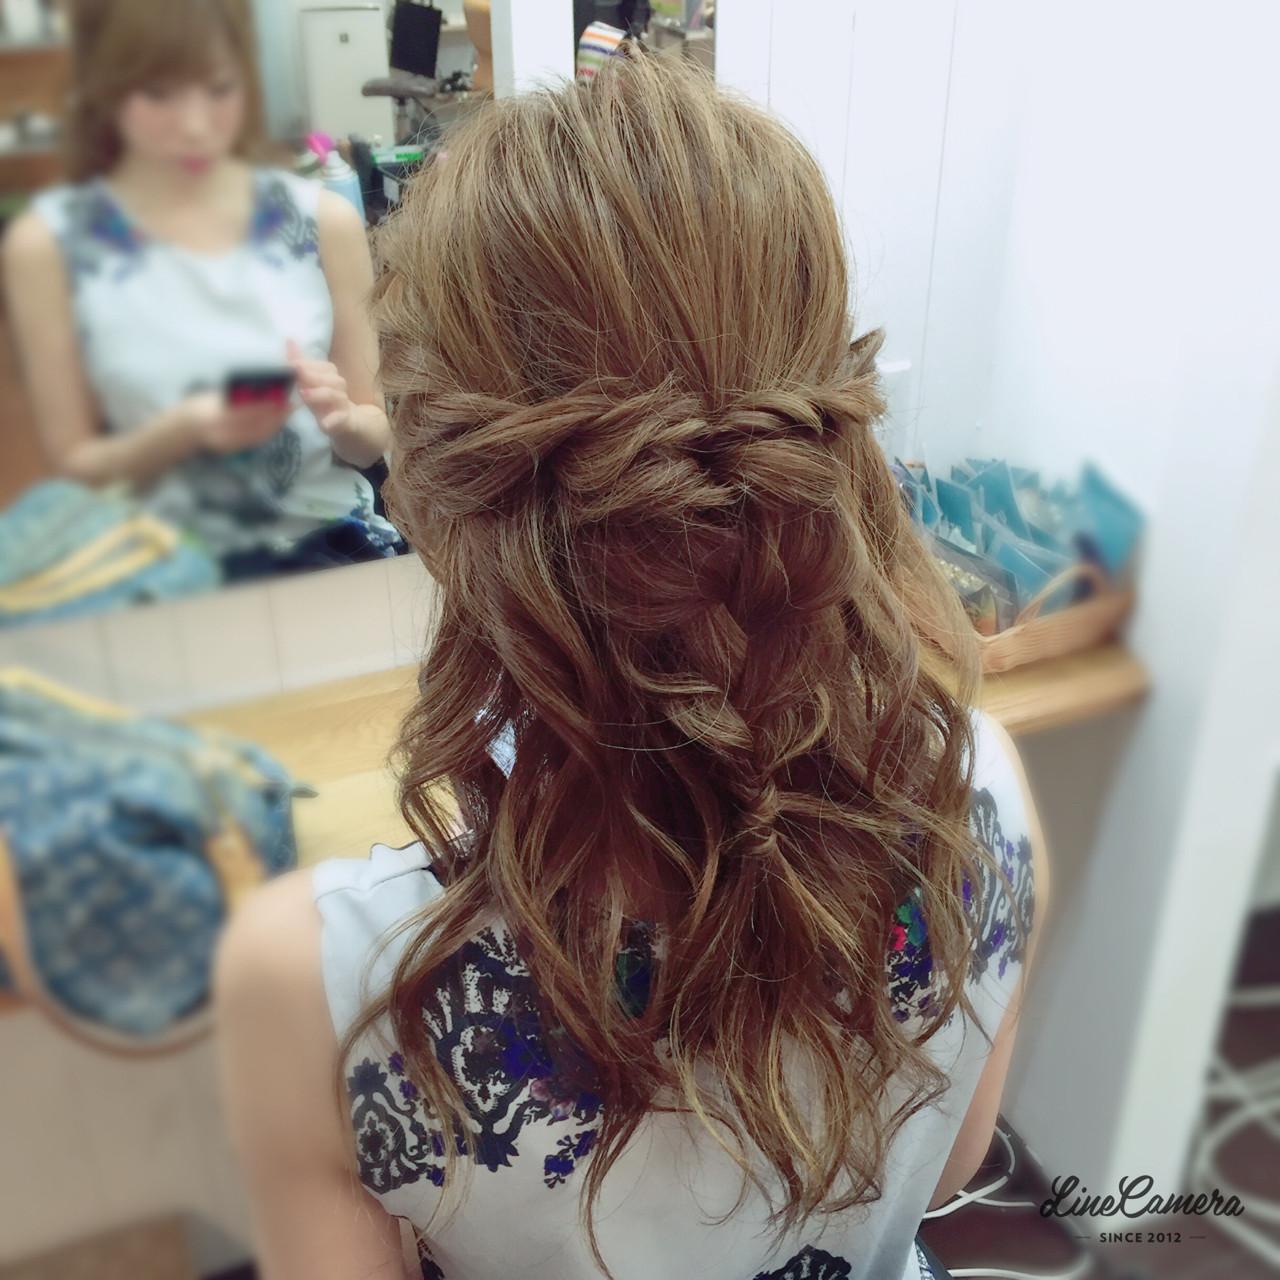 大人女子 編み込み 大人かわいい ハーフアップ ヘアスタイルや髪型の写真・画像